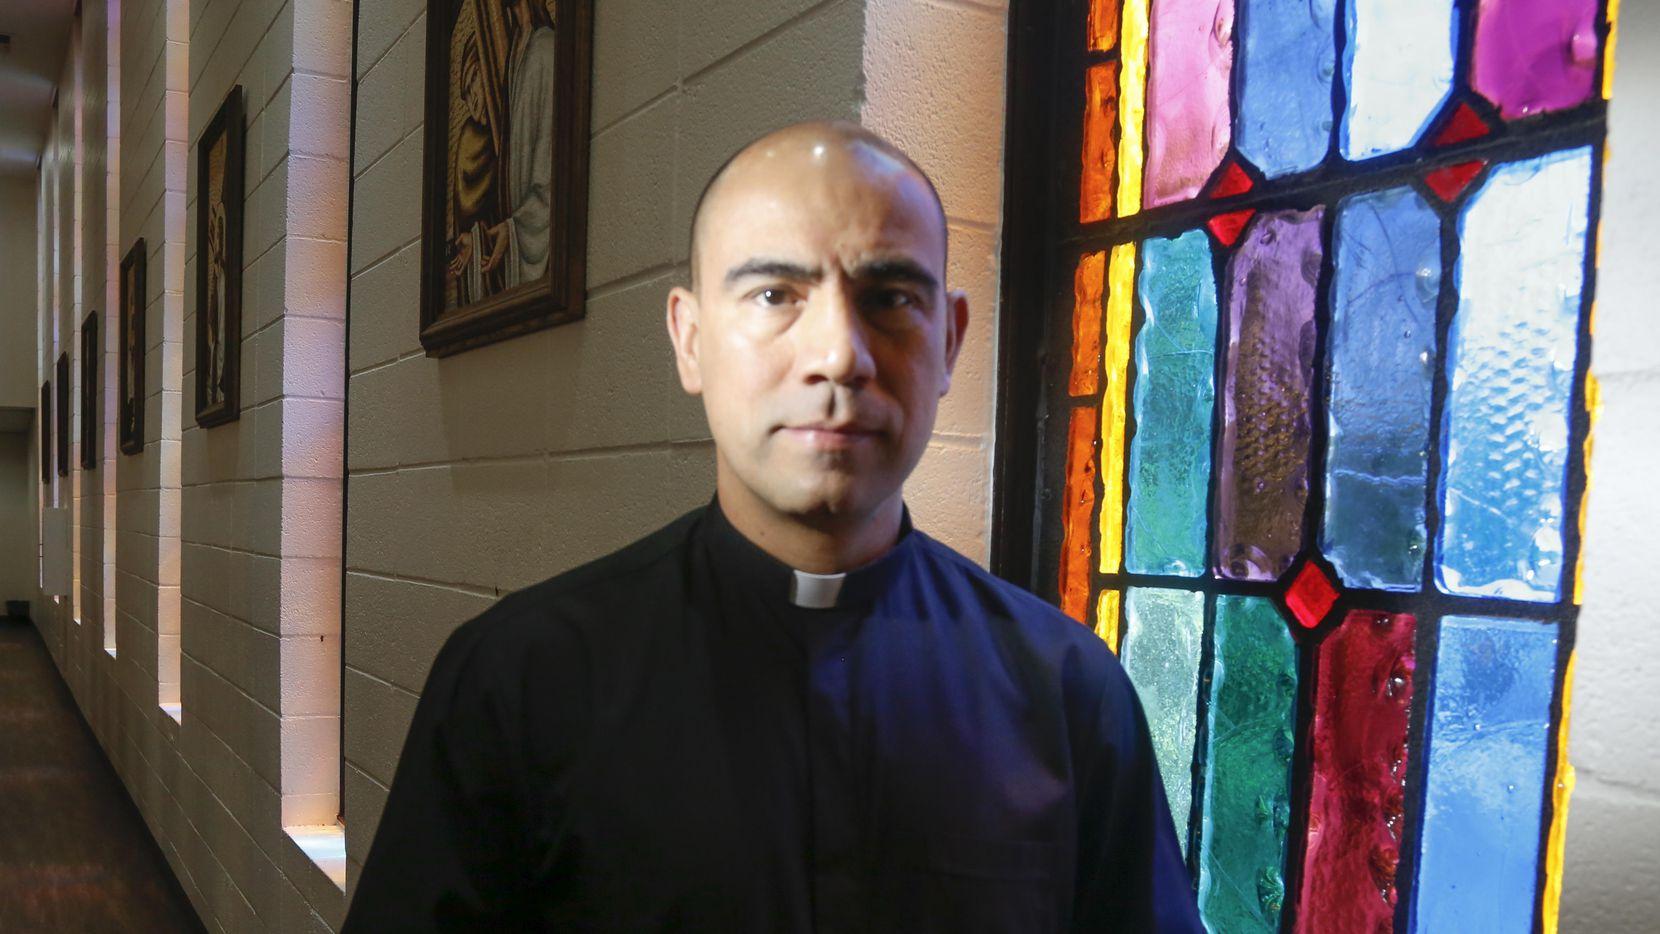 El sacerdote Jesús Belmontes es párroco de la Iglesia San Juan Diego del norte de Dallas. RON BASELICE/DMN